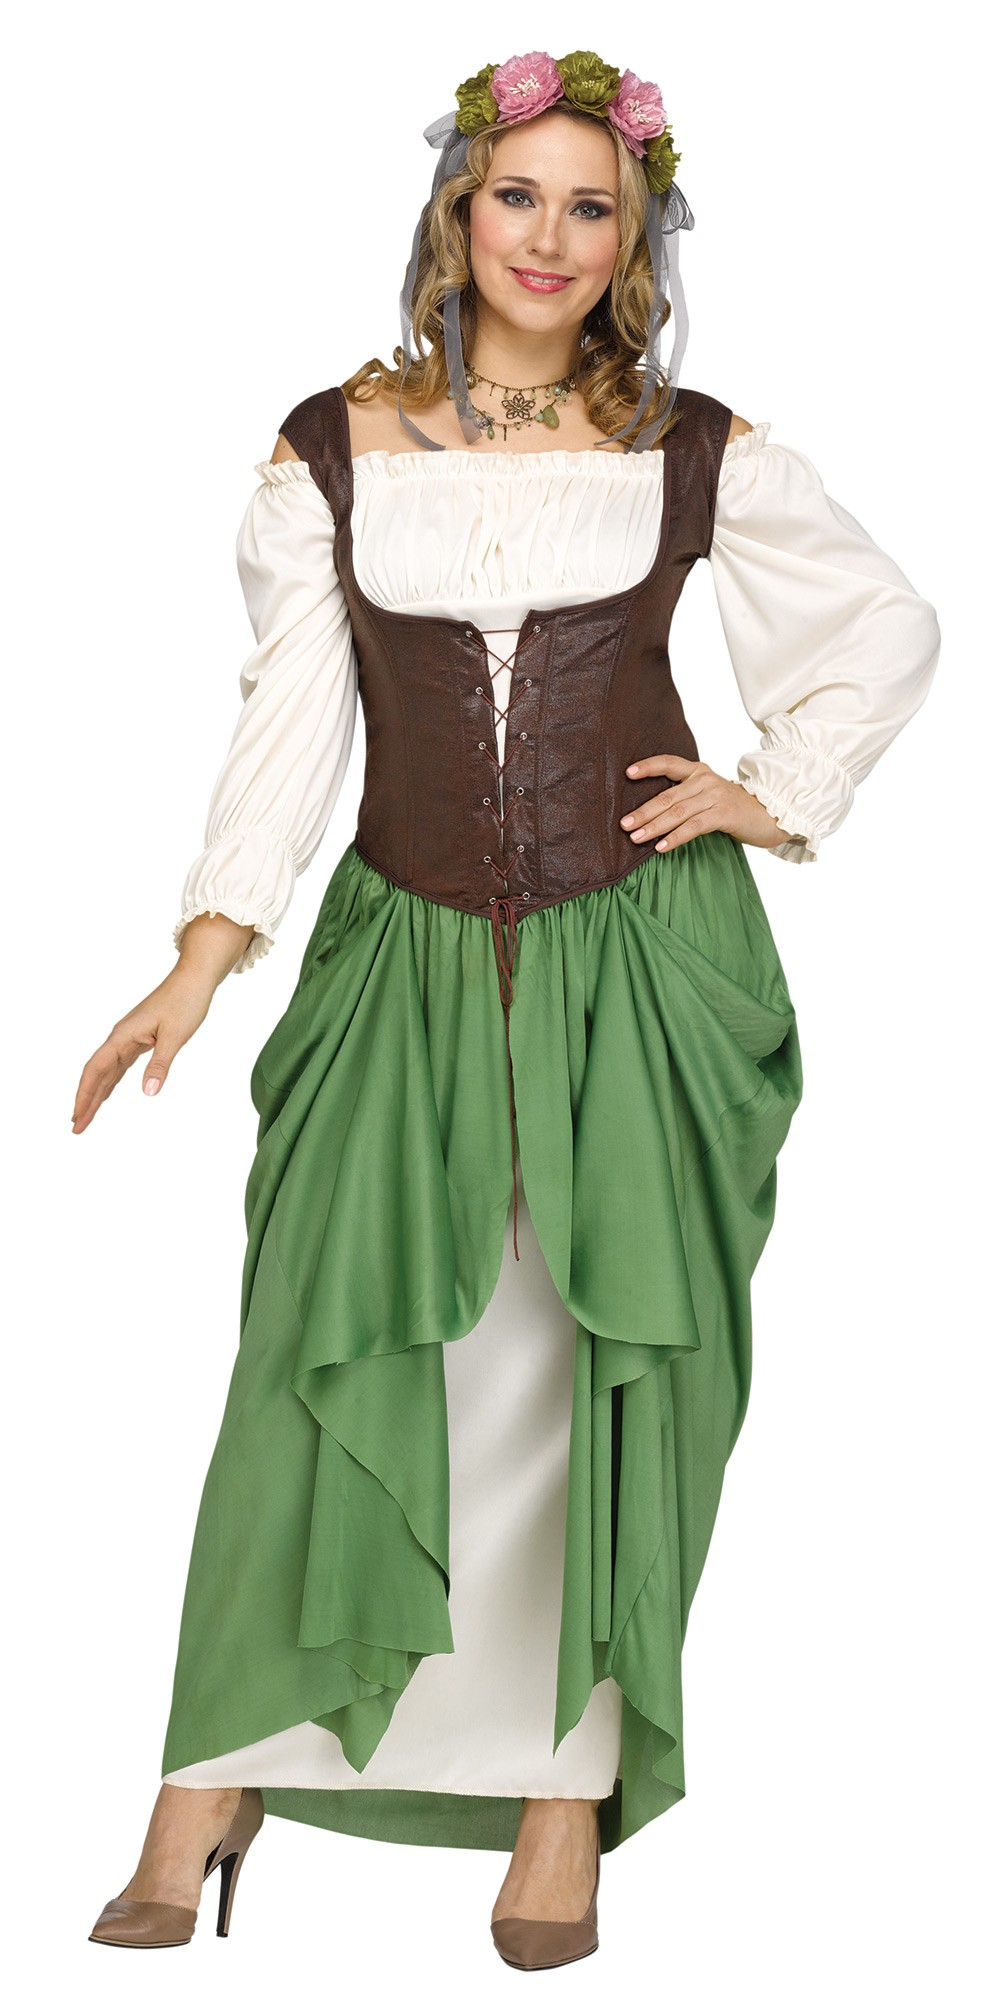 8e310c73b62 Serving Bar Wench Women s Costume Plus Size Medieval Renaissance Faire Adult